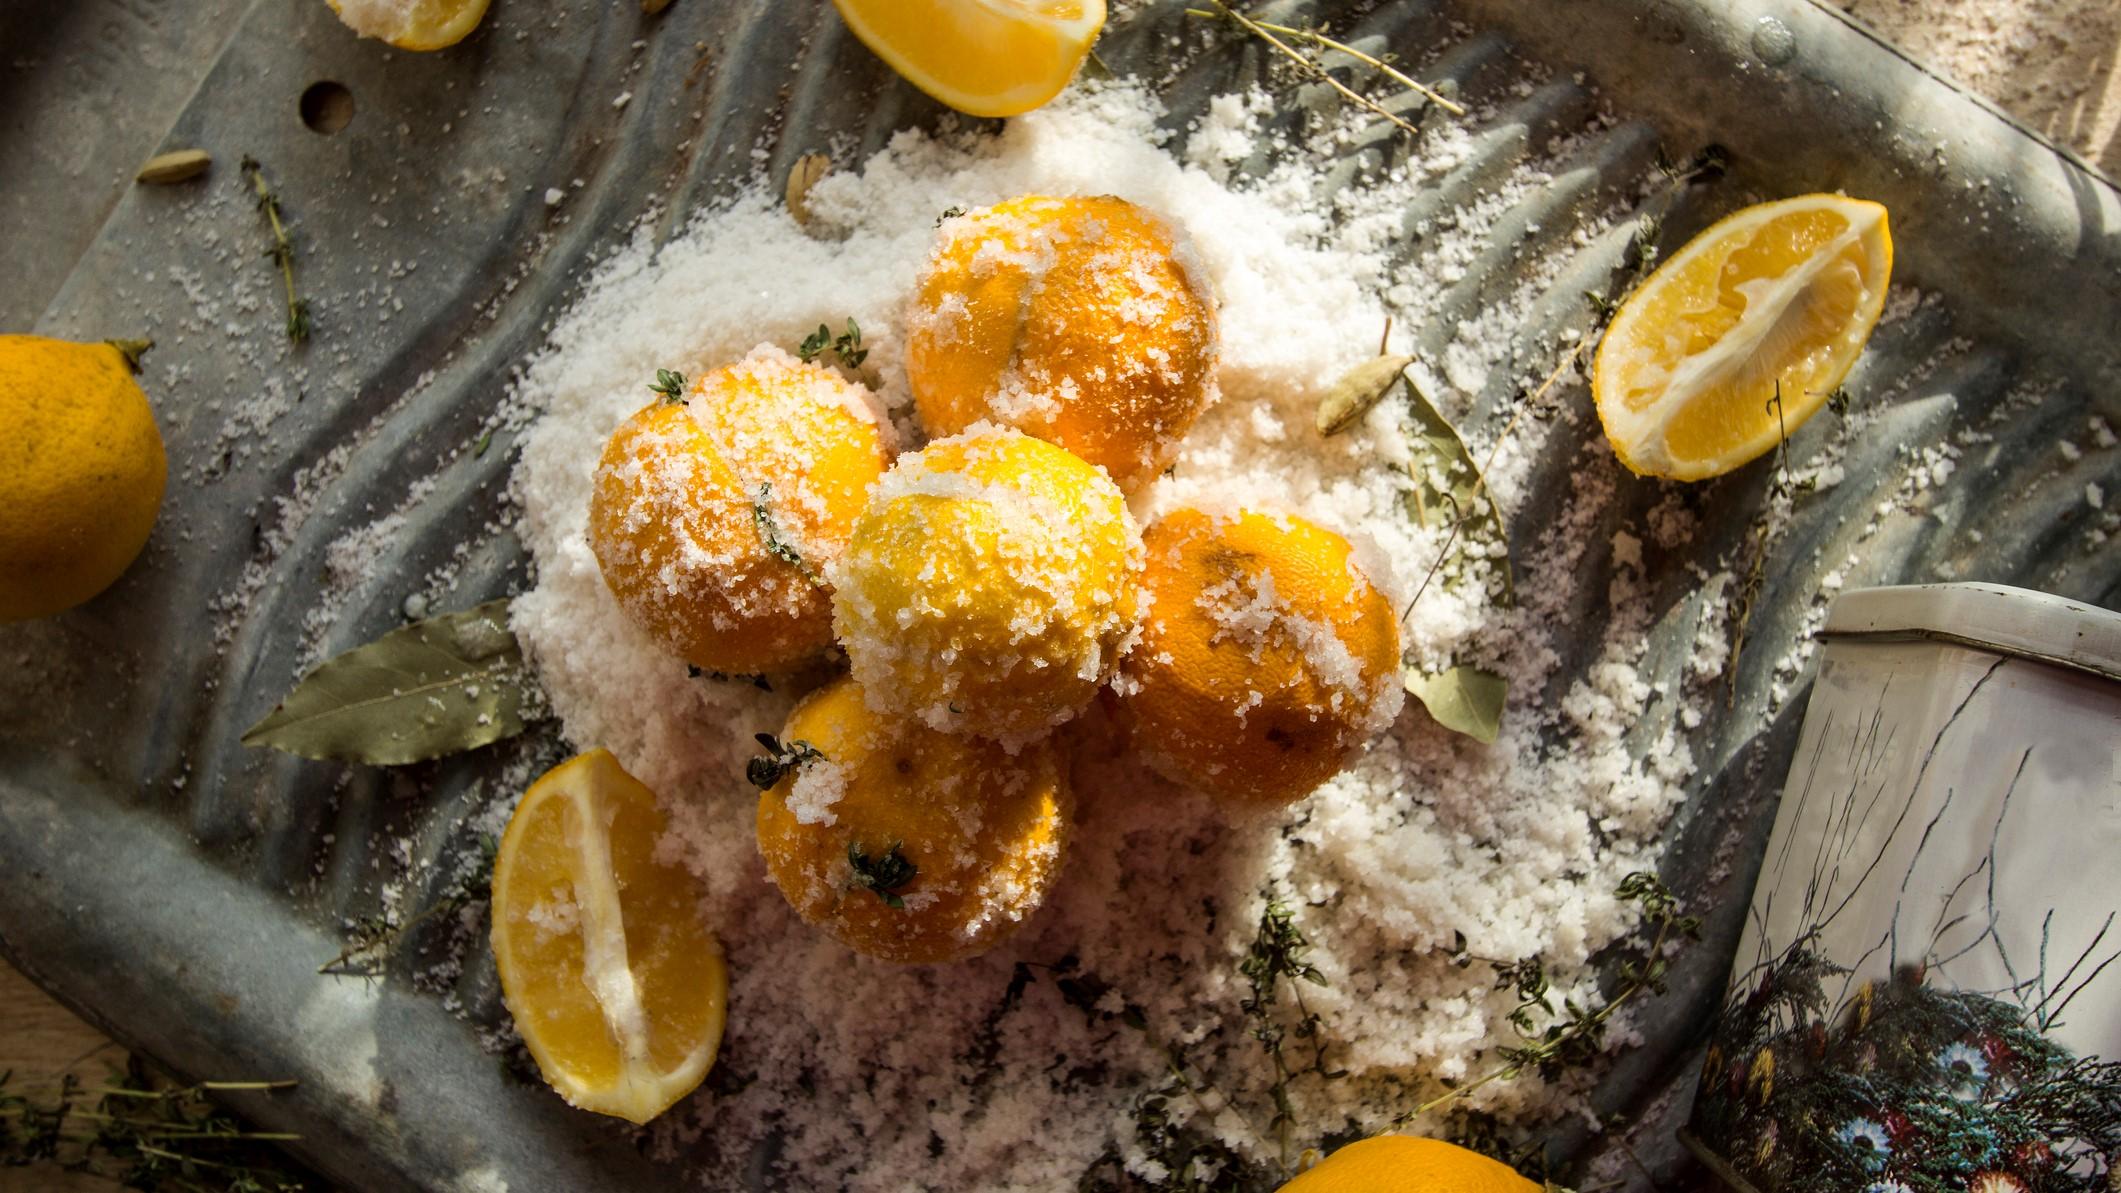 Auf einem gewellten Blech liegen ein paar Salzzitronen in einer Menge Salz.